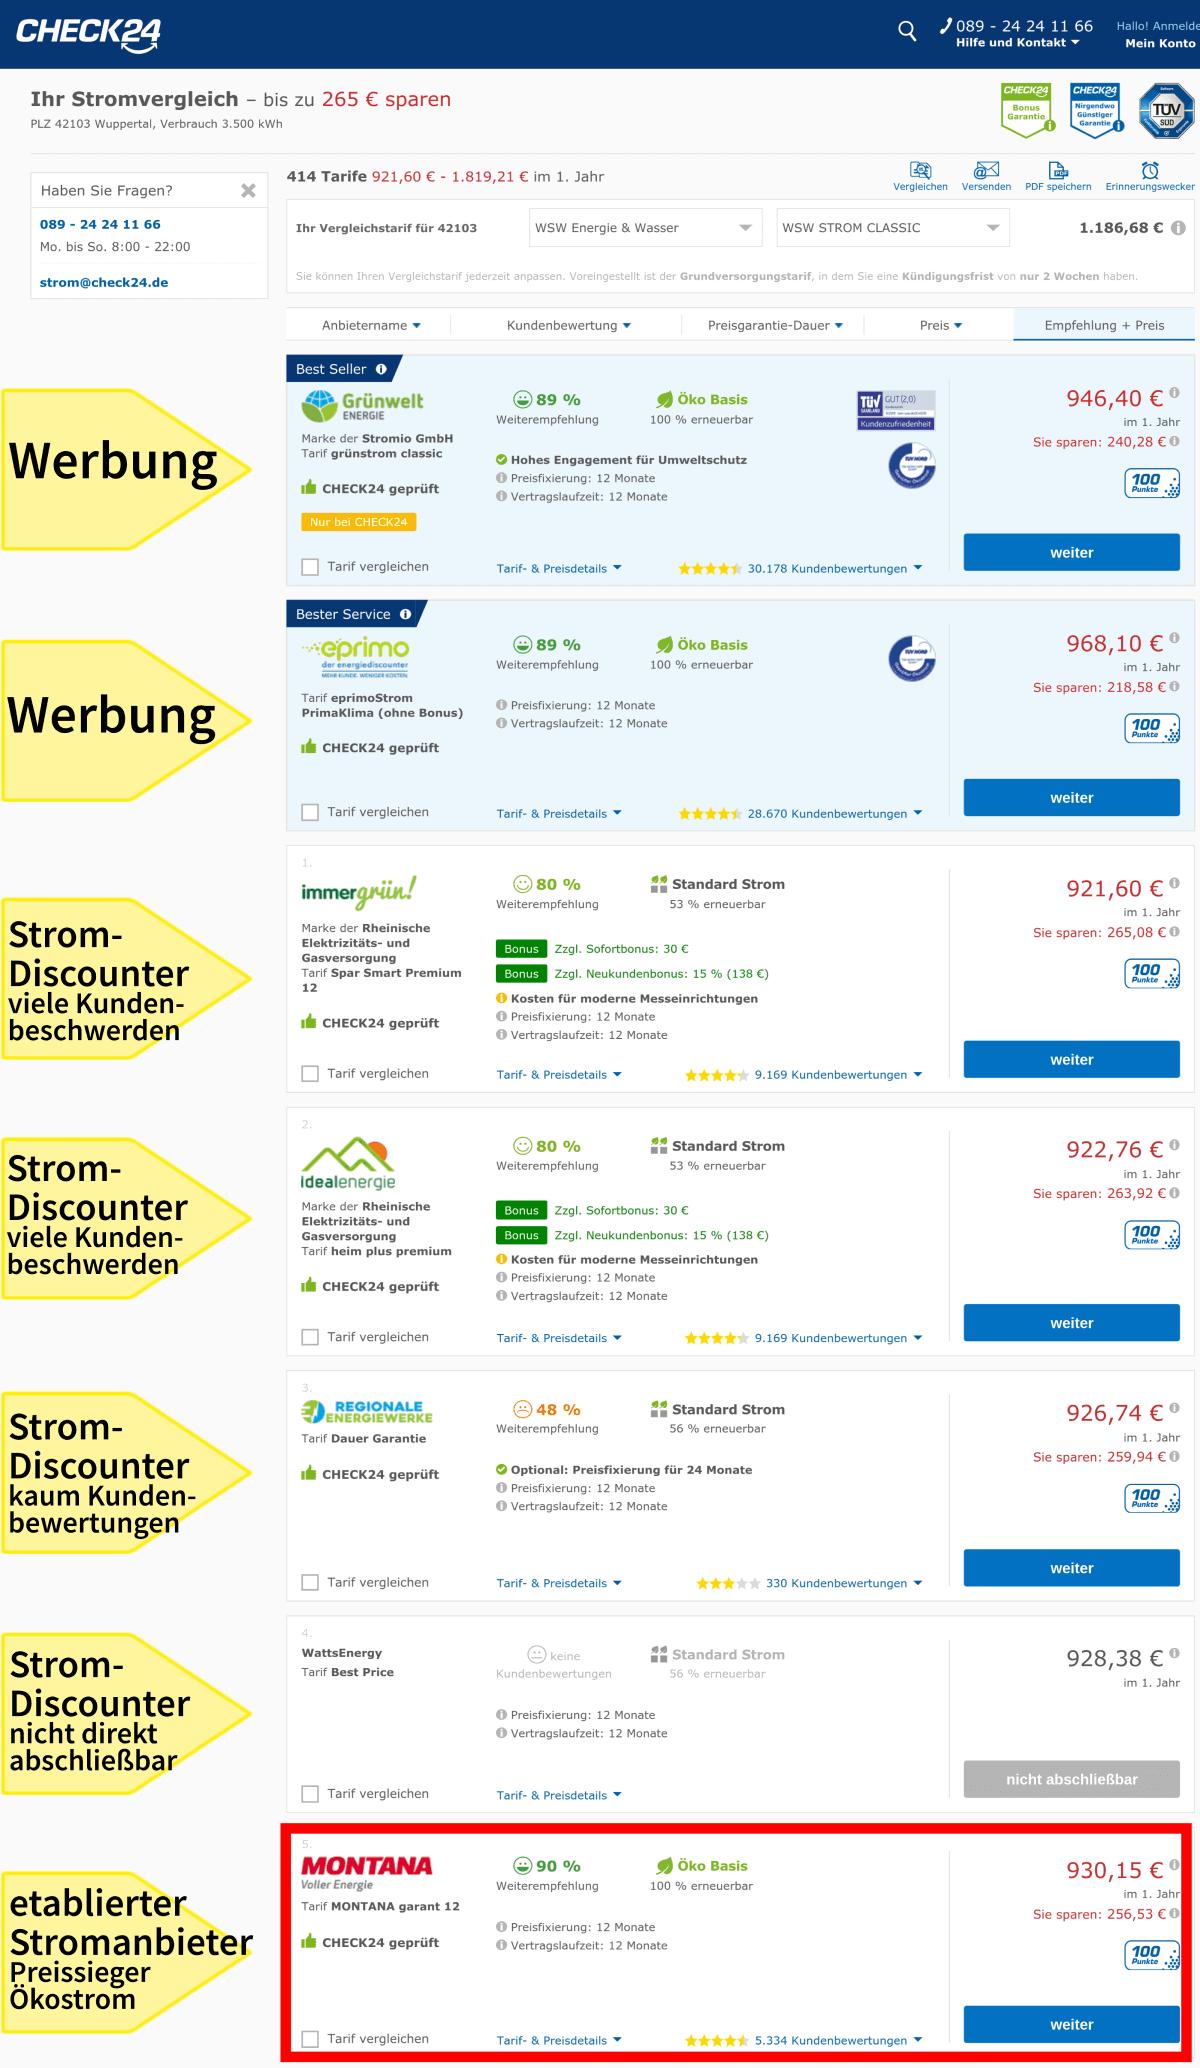 Stromanbieter einmalig wechseln in Wuppertal, Vergleichsportal Check24, günstige Stromanbieter